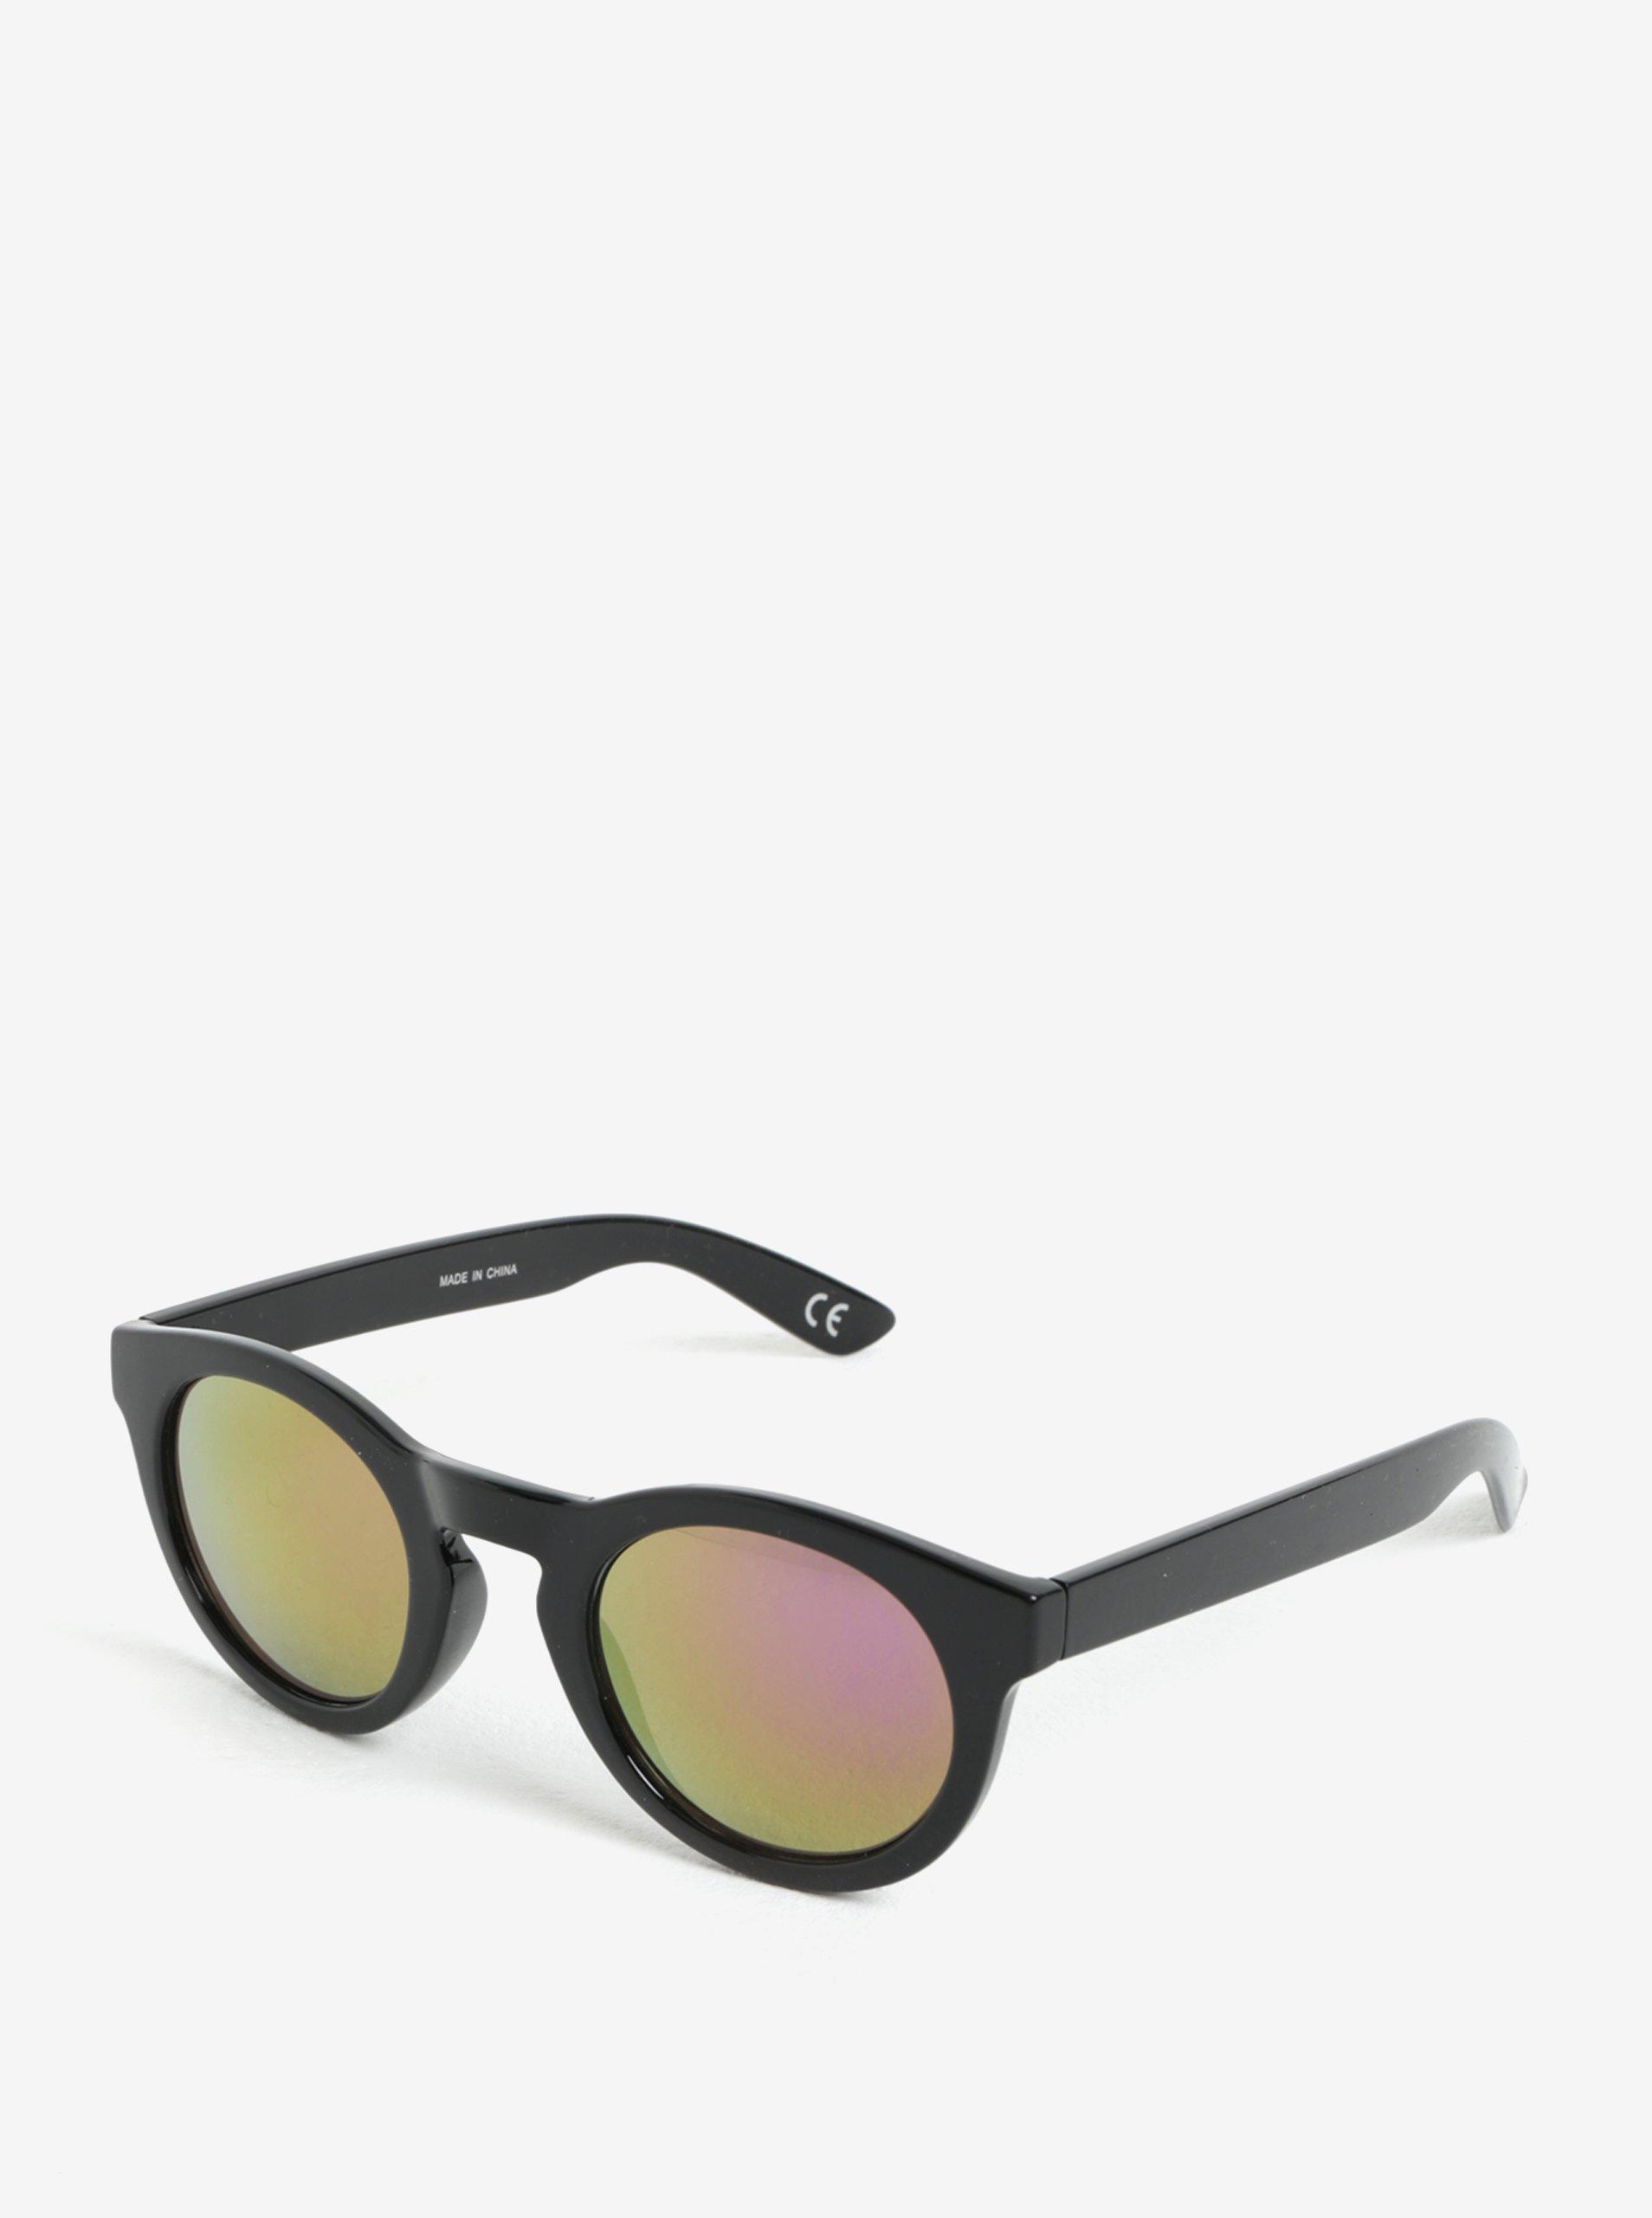 e513e572a Čierne dámske slnečné okuliare VANS Lolligagger | Moda.sk